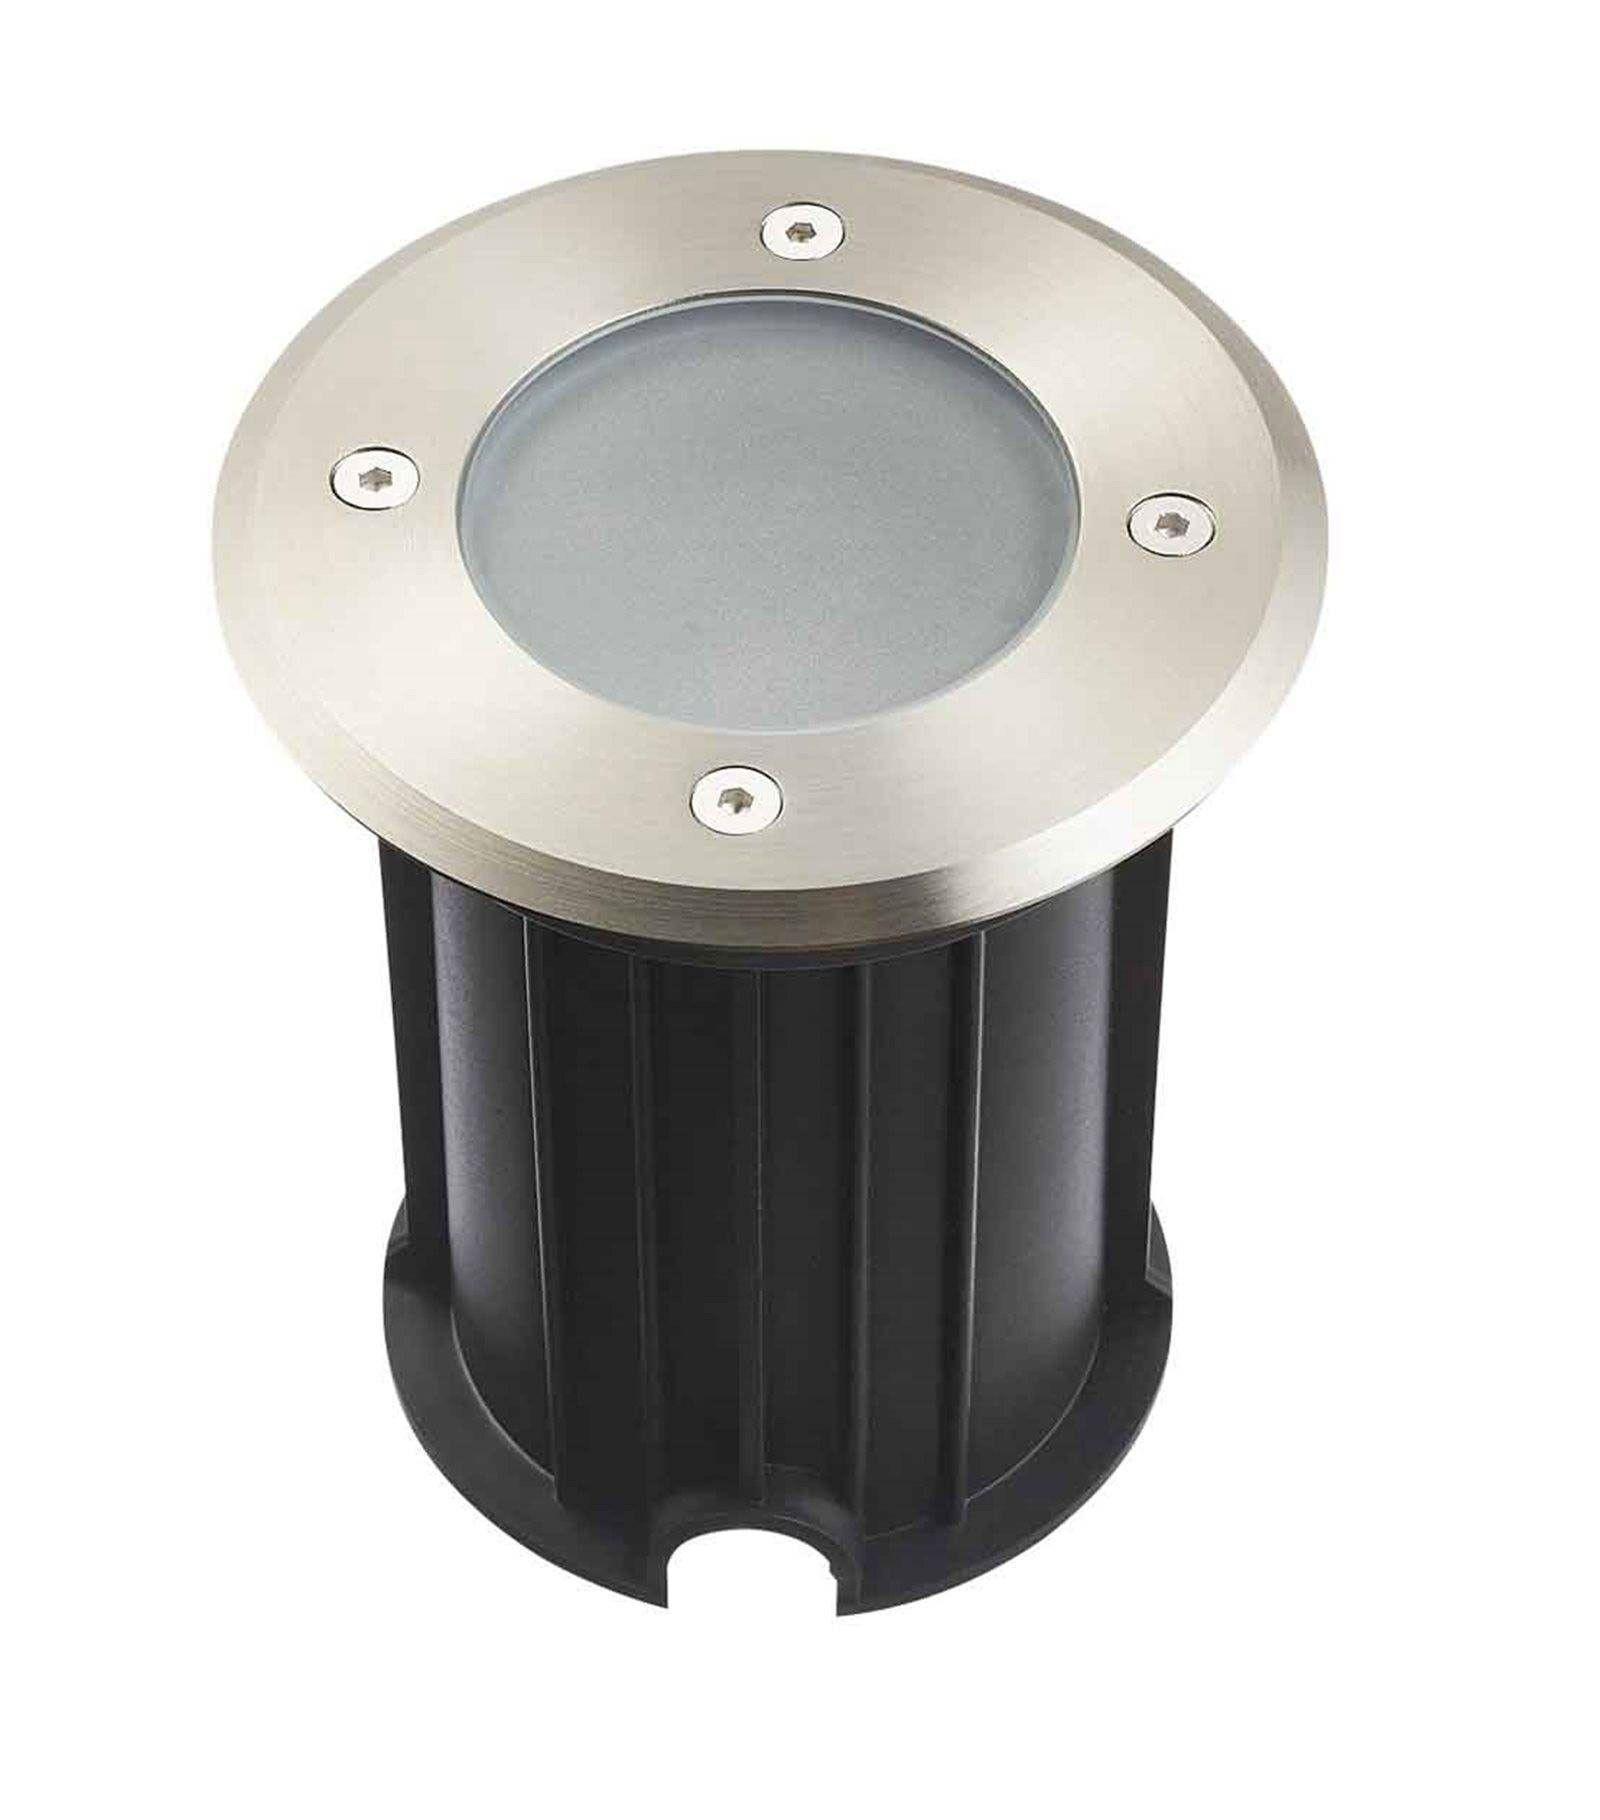 Hipow Spot encastrable Rond MIAMI Inox 316L (montage en série avec 2 presses étoupe) FROST GU10 220V IP67 HIPOW